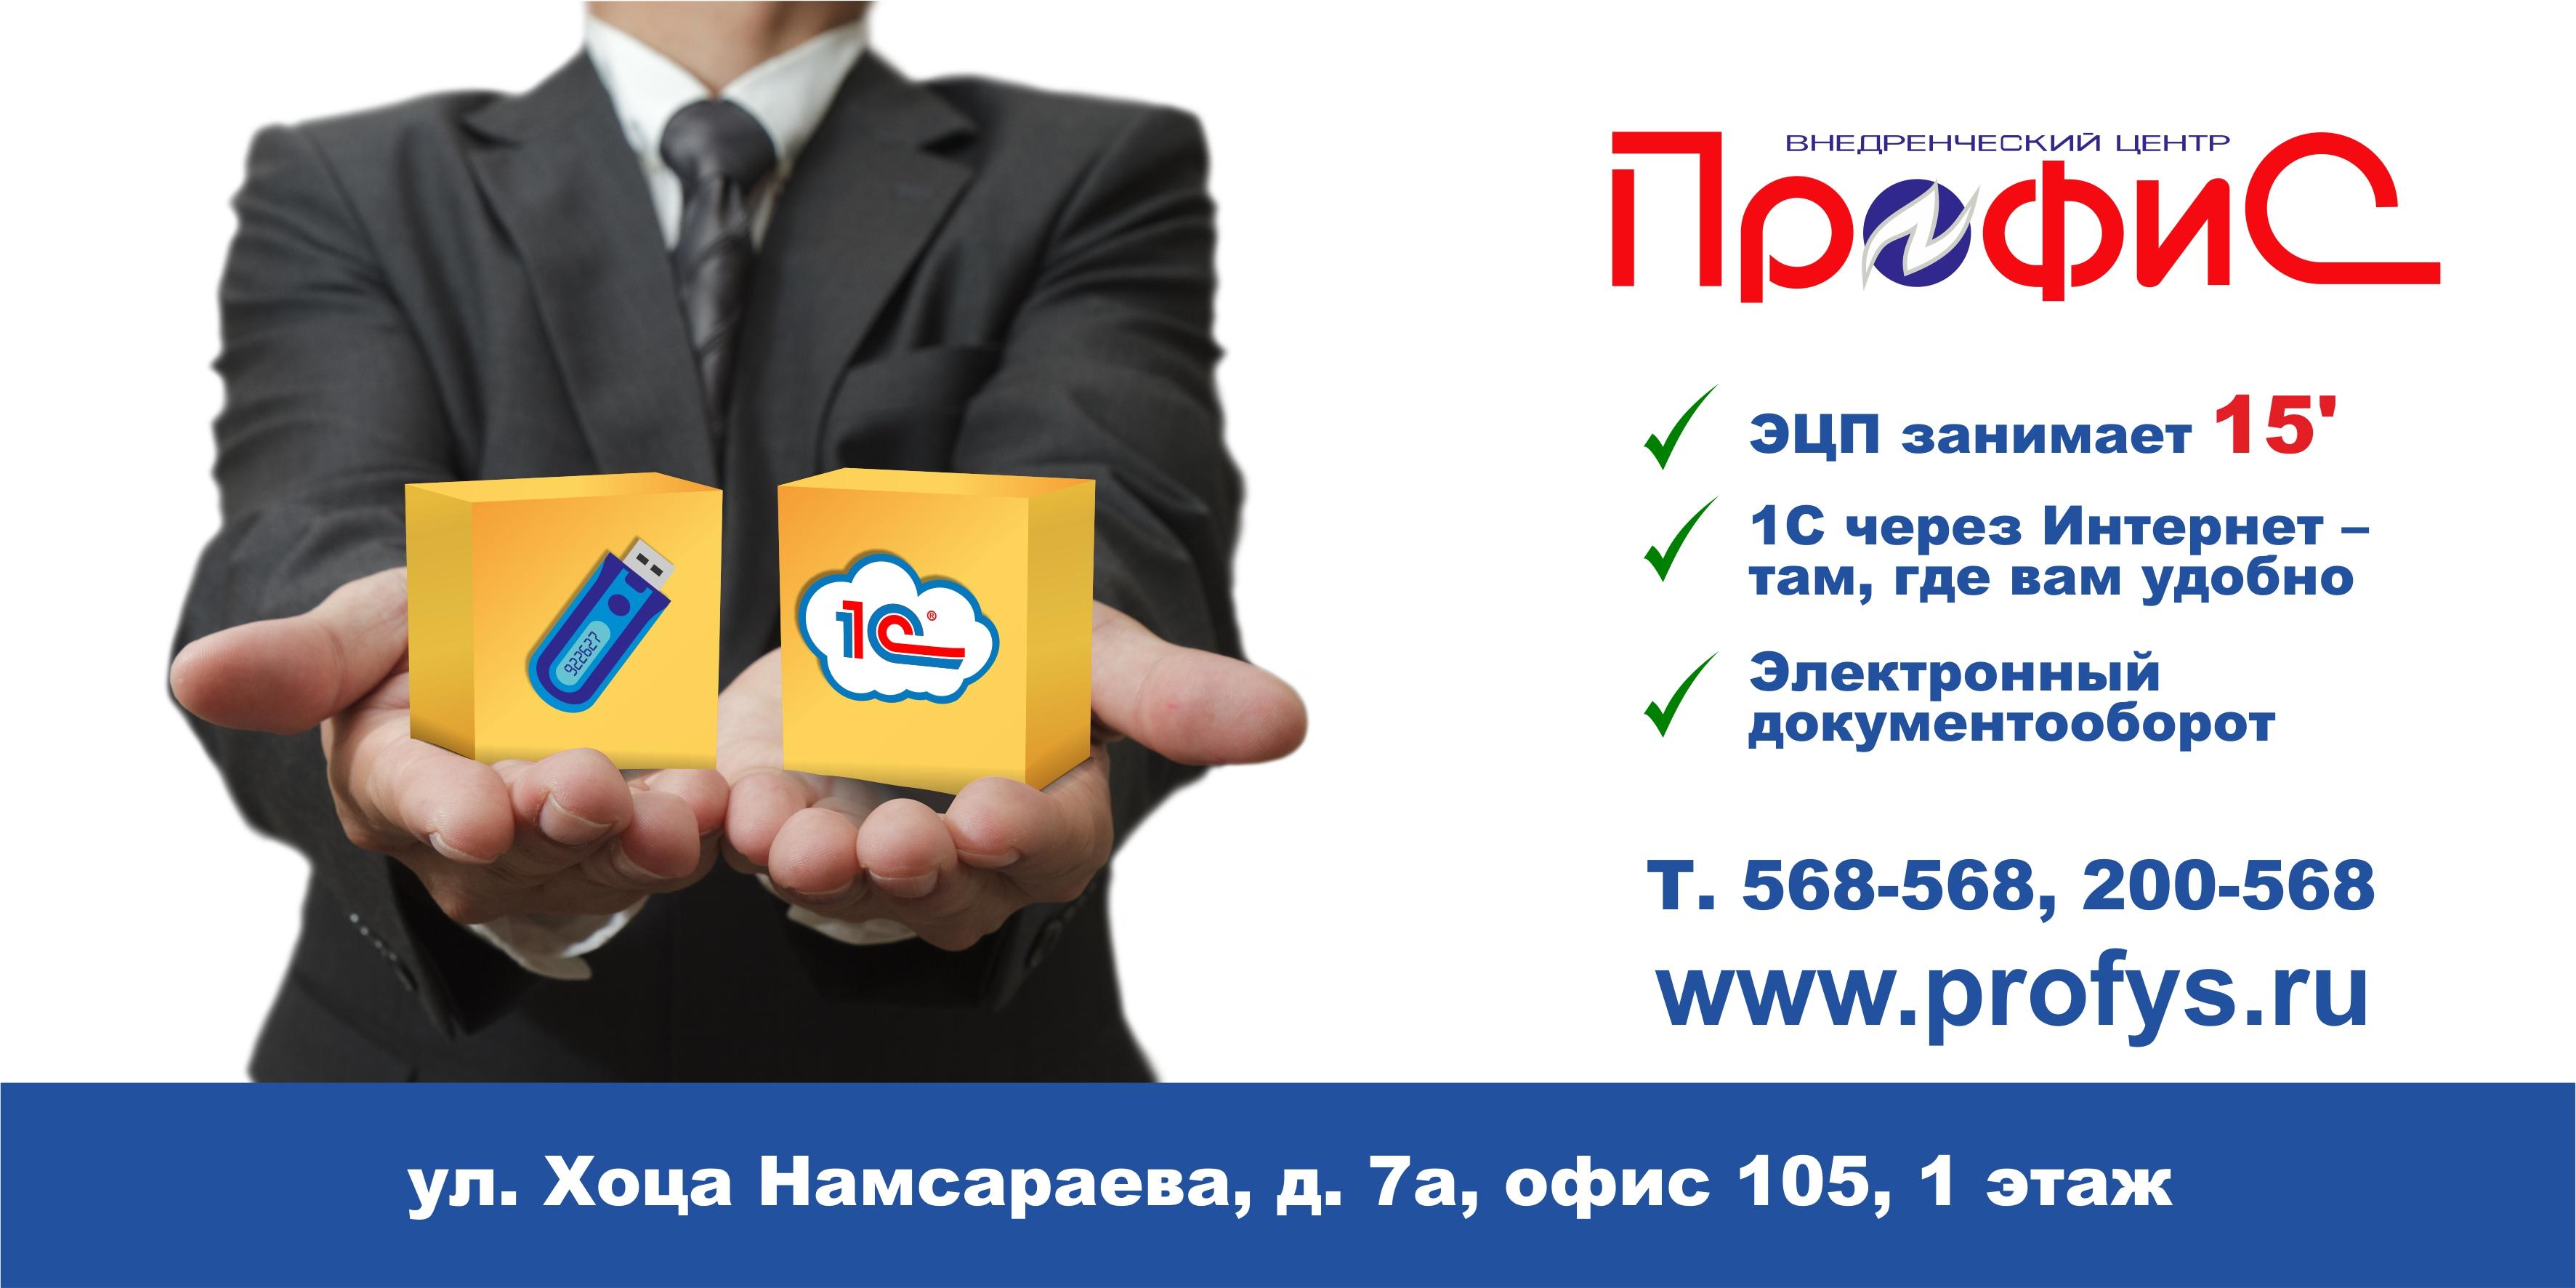 Дизайна баннера, для наружной рекламы profys (кандидат)